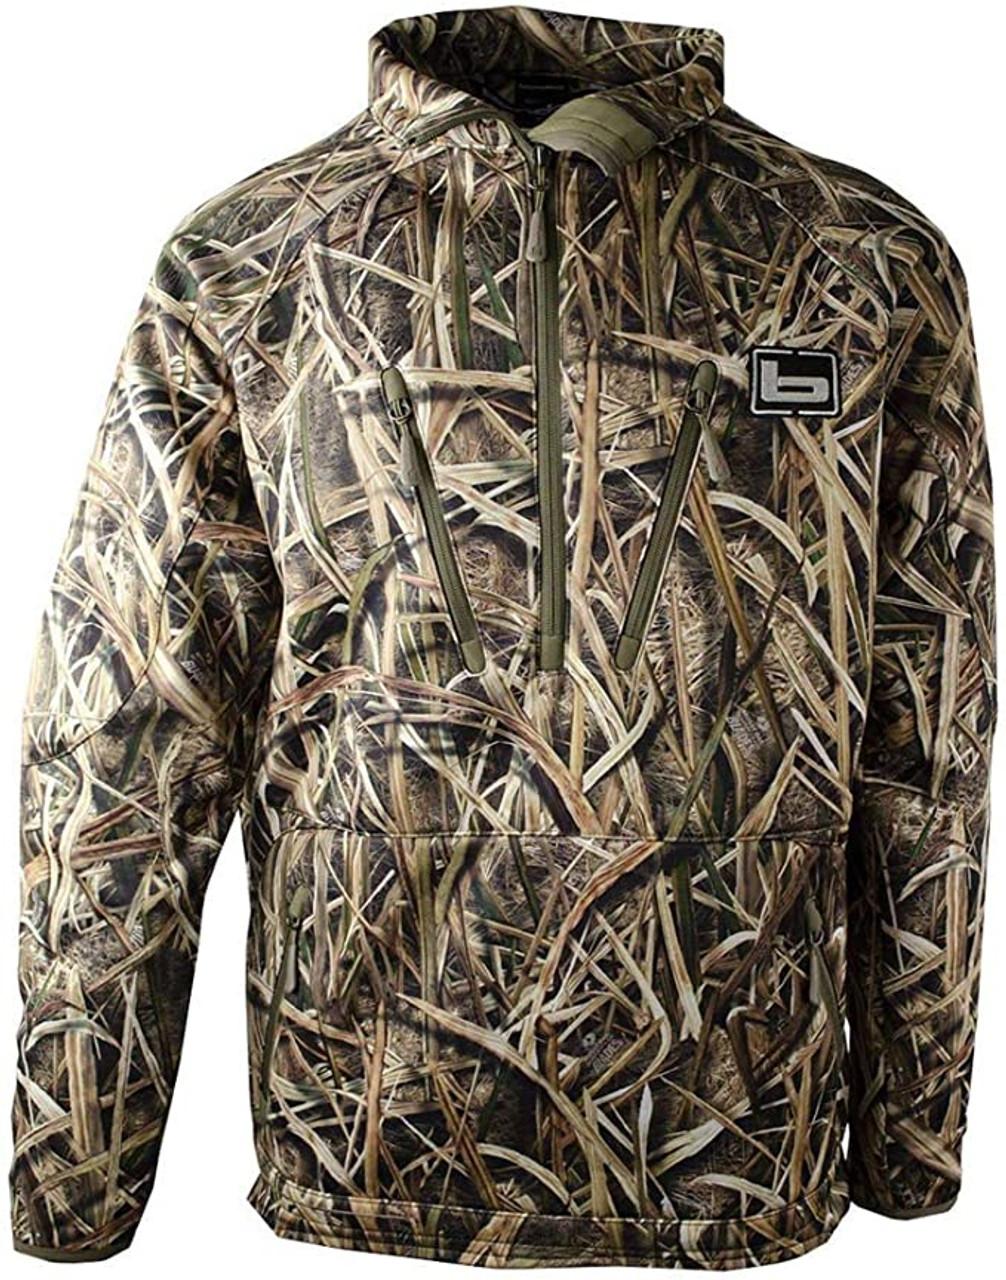 Banded Heavy Tec Fleece 1/2 Zip Pullover MAX 5 Camo 2XL